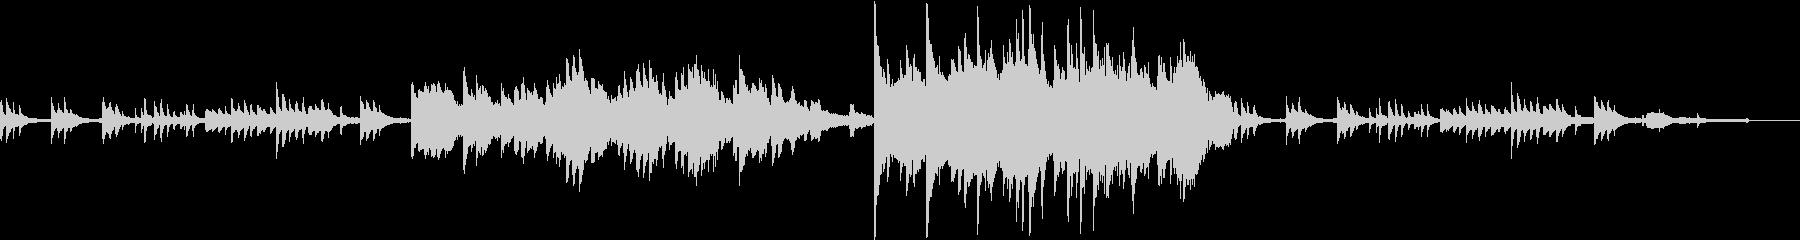 クラシック交響曲 エーテル 淡々 ...の未再生の波形